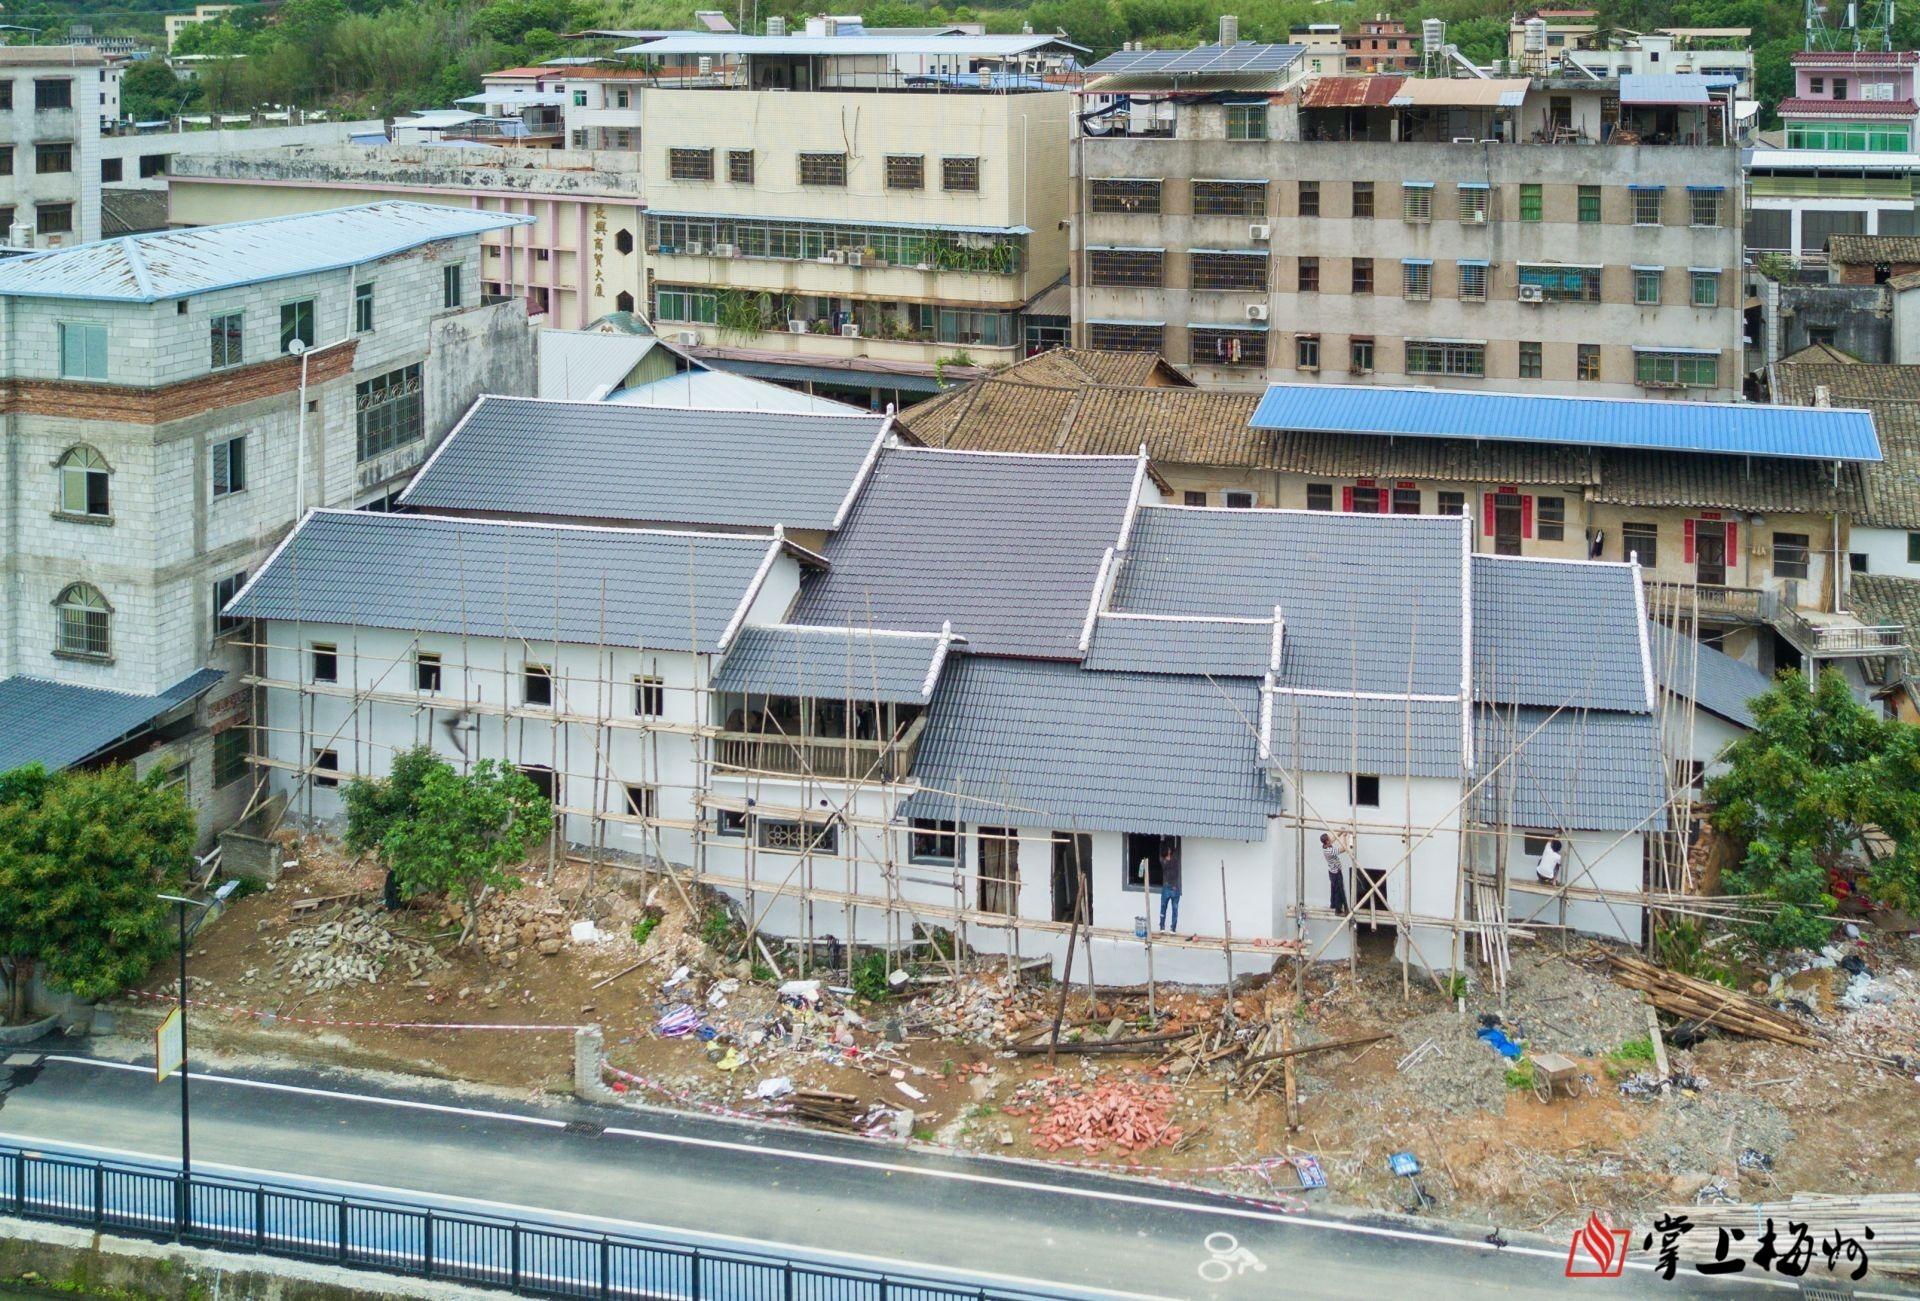 长沙屋顶铁皮瓦更换成树脂瓦